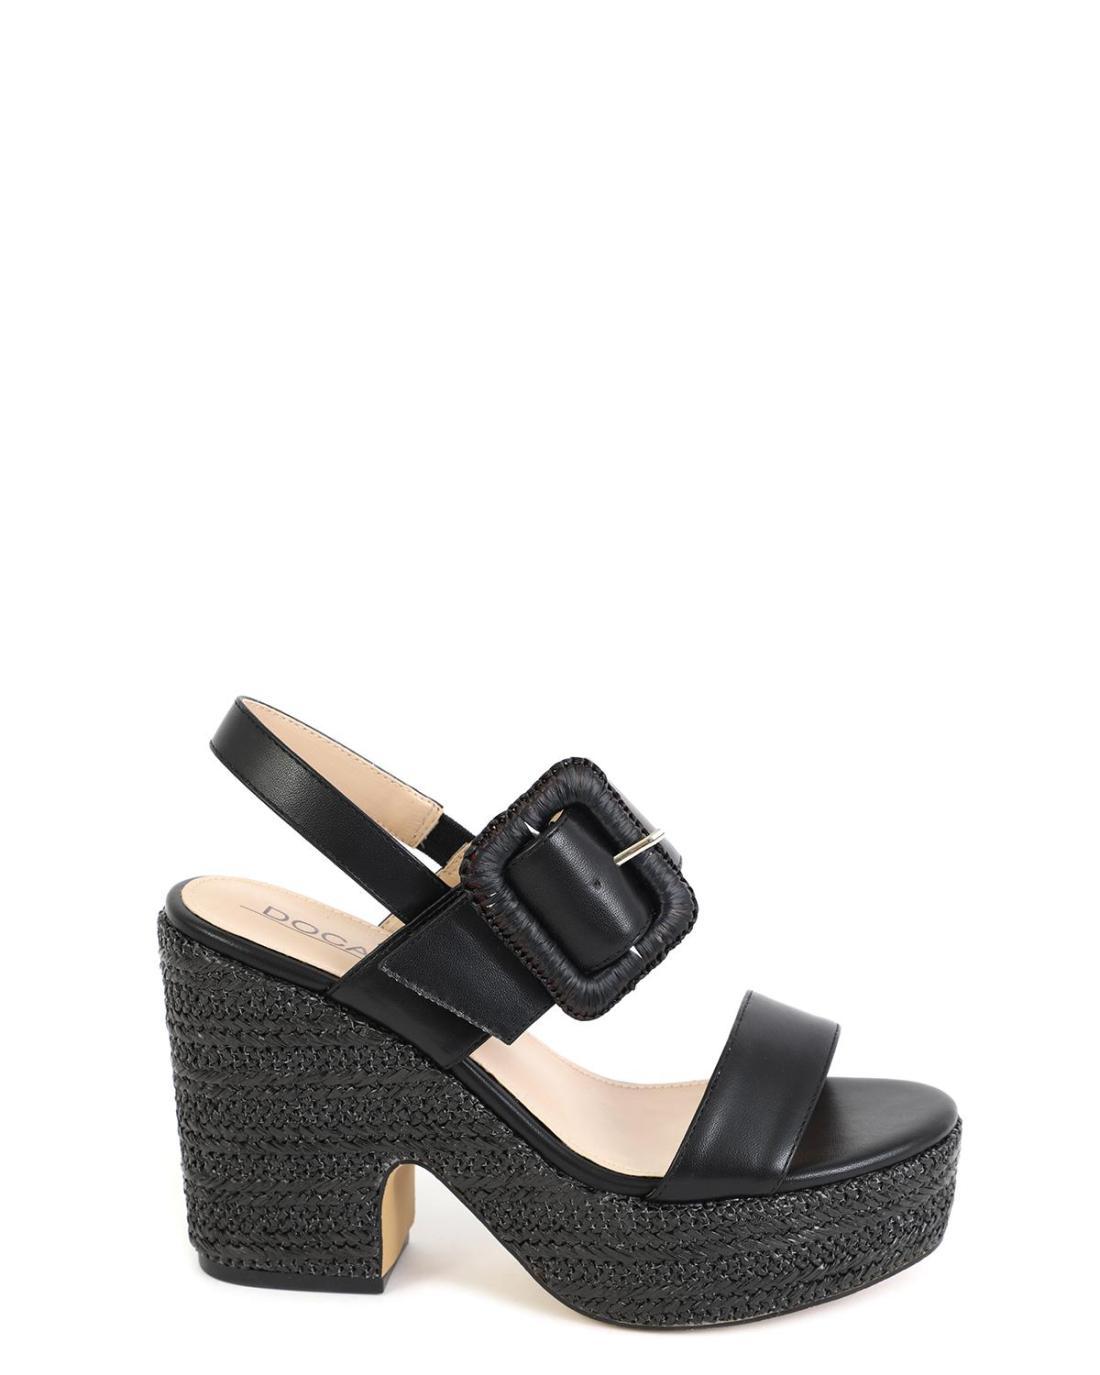 Black platform-sandals